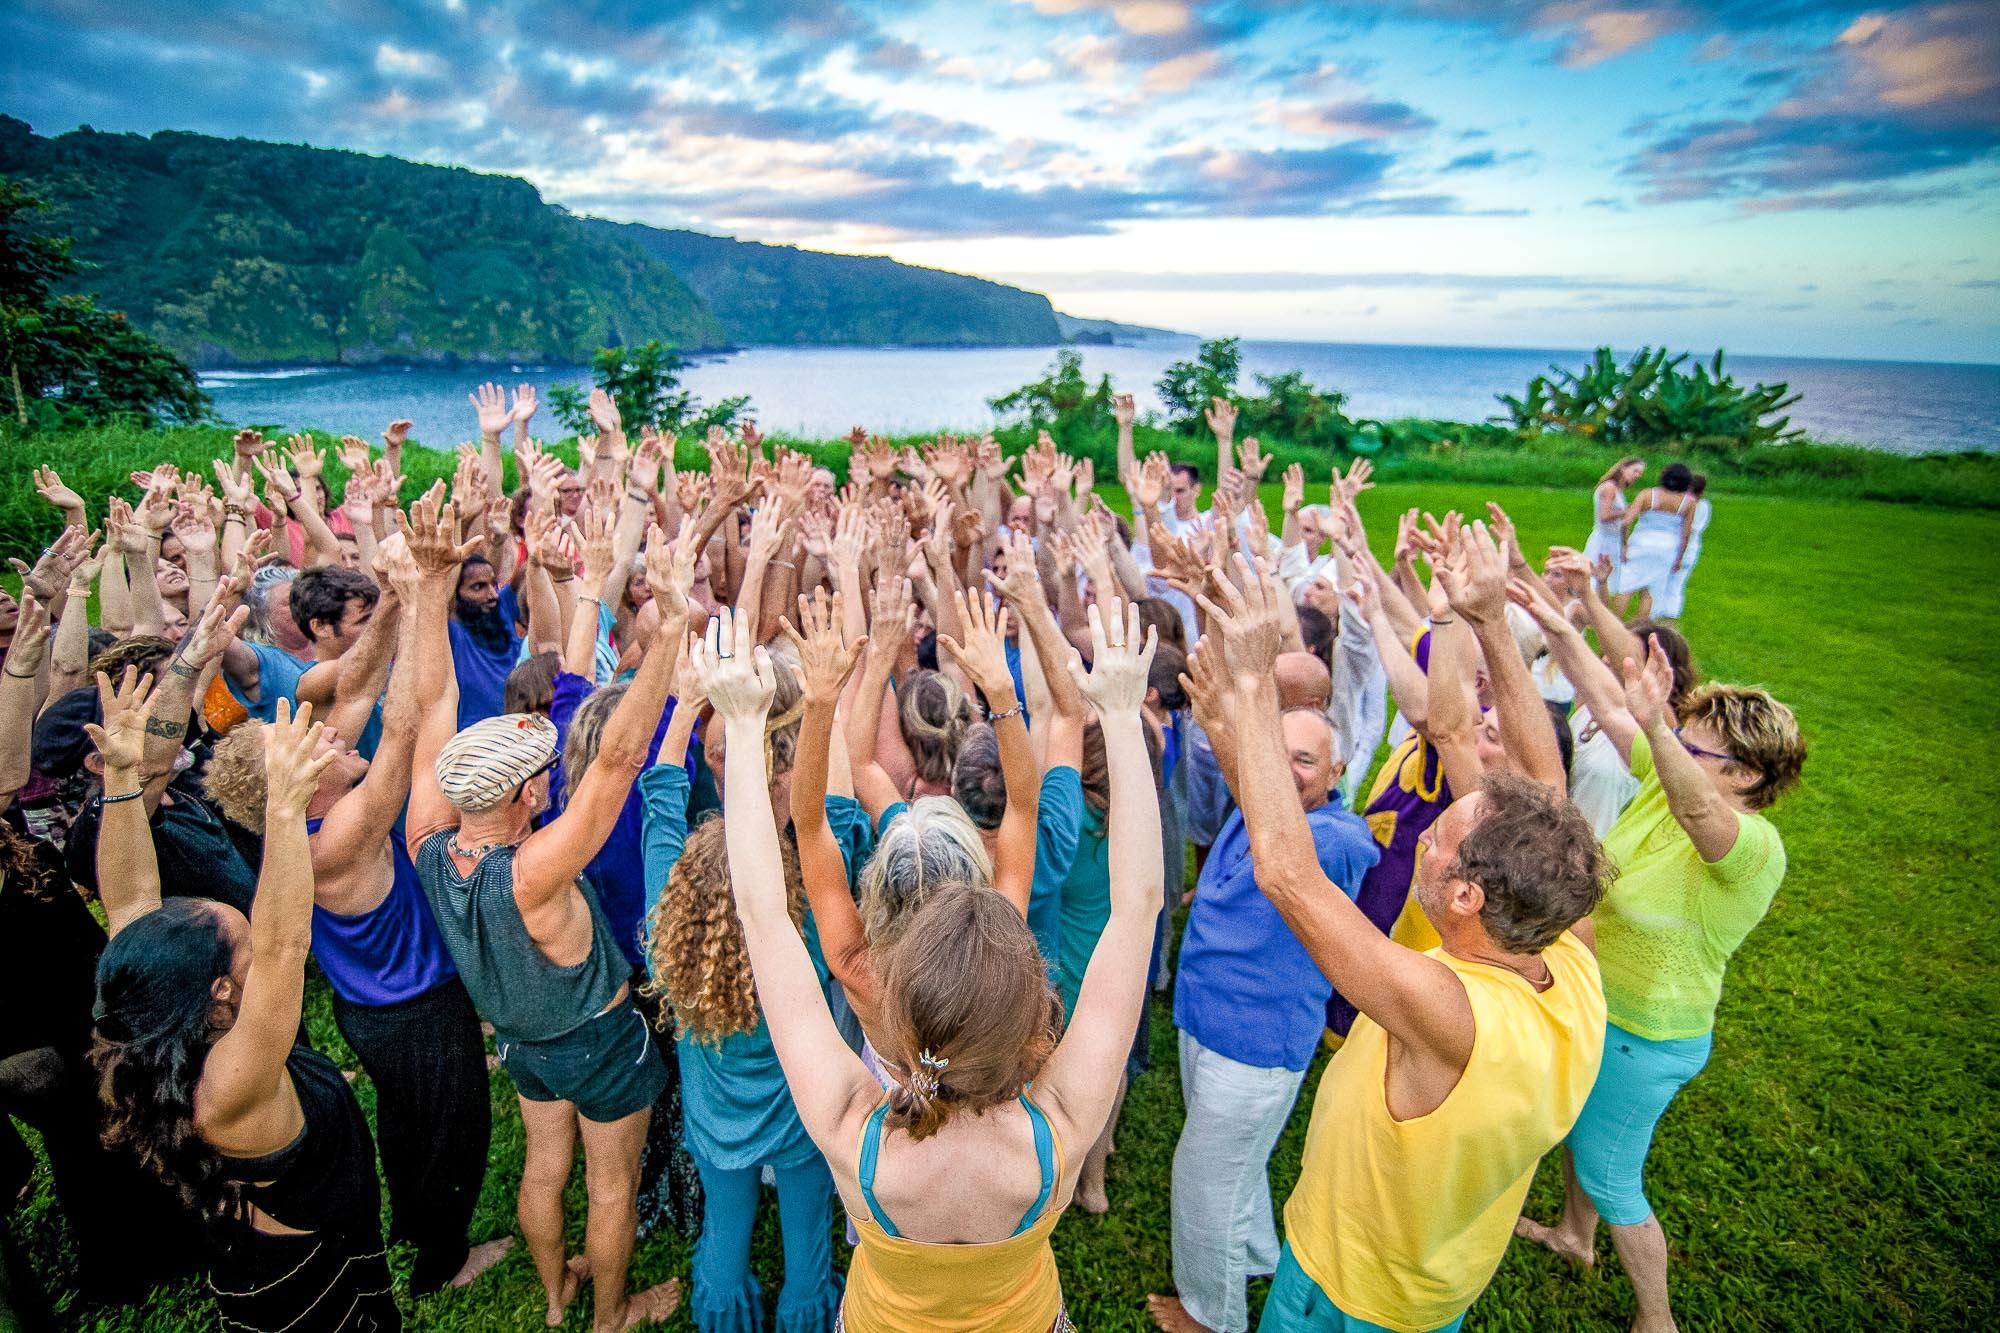 onedancetribe-hawaii-conscious-dance-5rhythms-soul-motion-azul-12